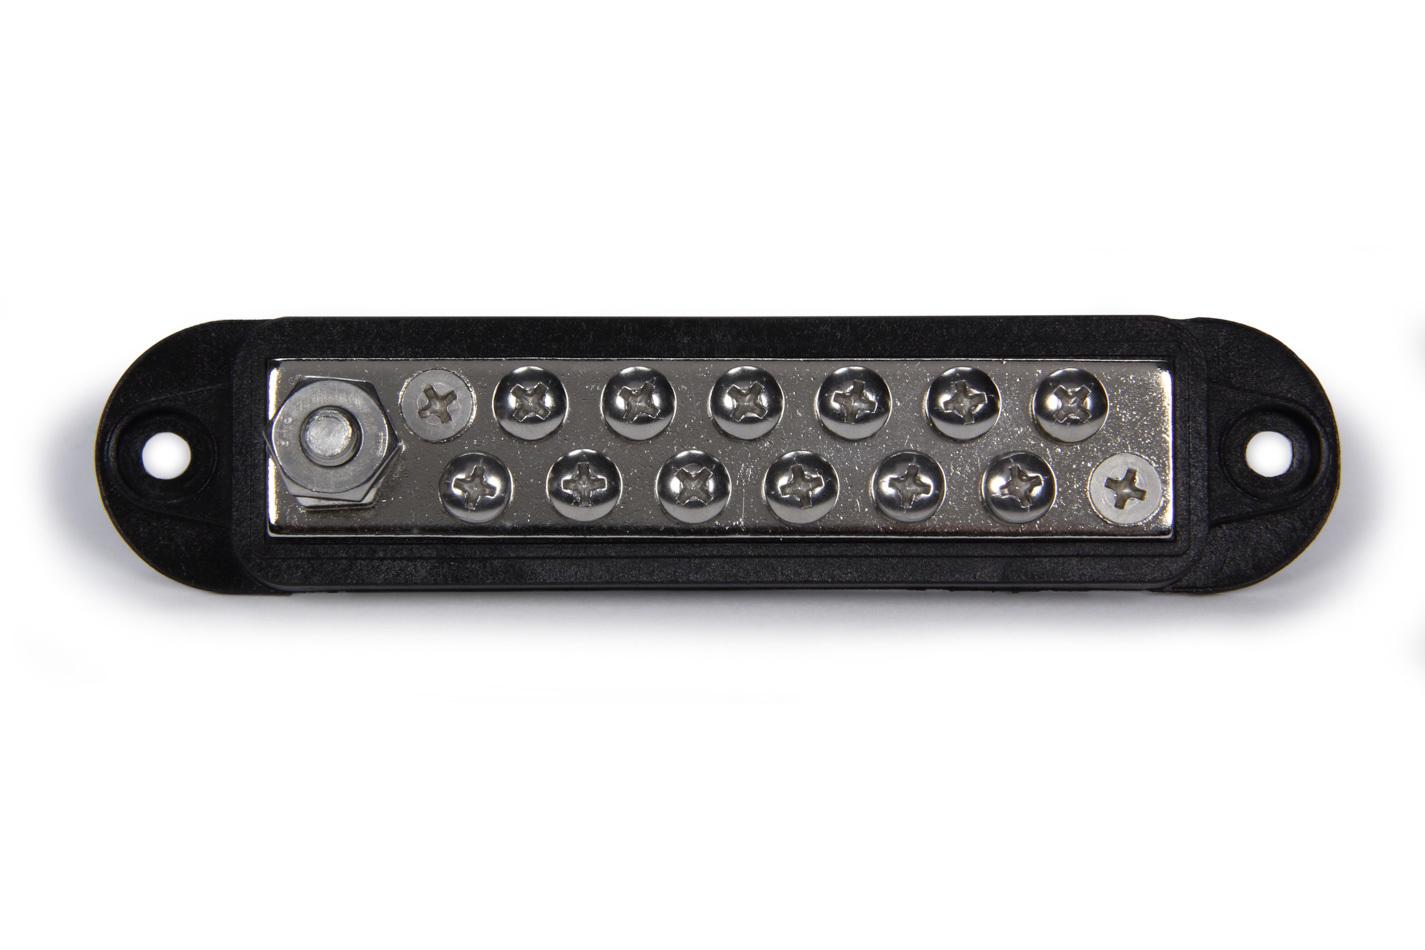 QuickCar 57-802 Terminal Block, 12 Wire, Black, Each